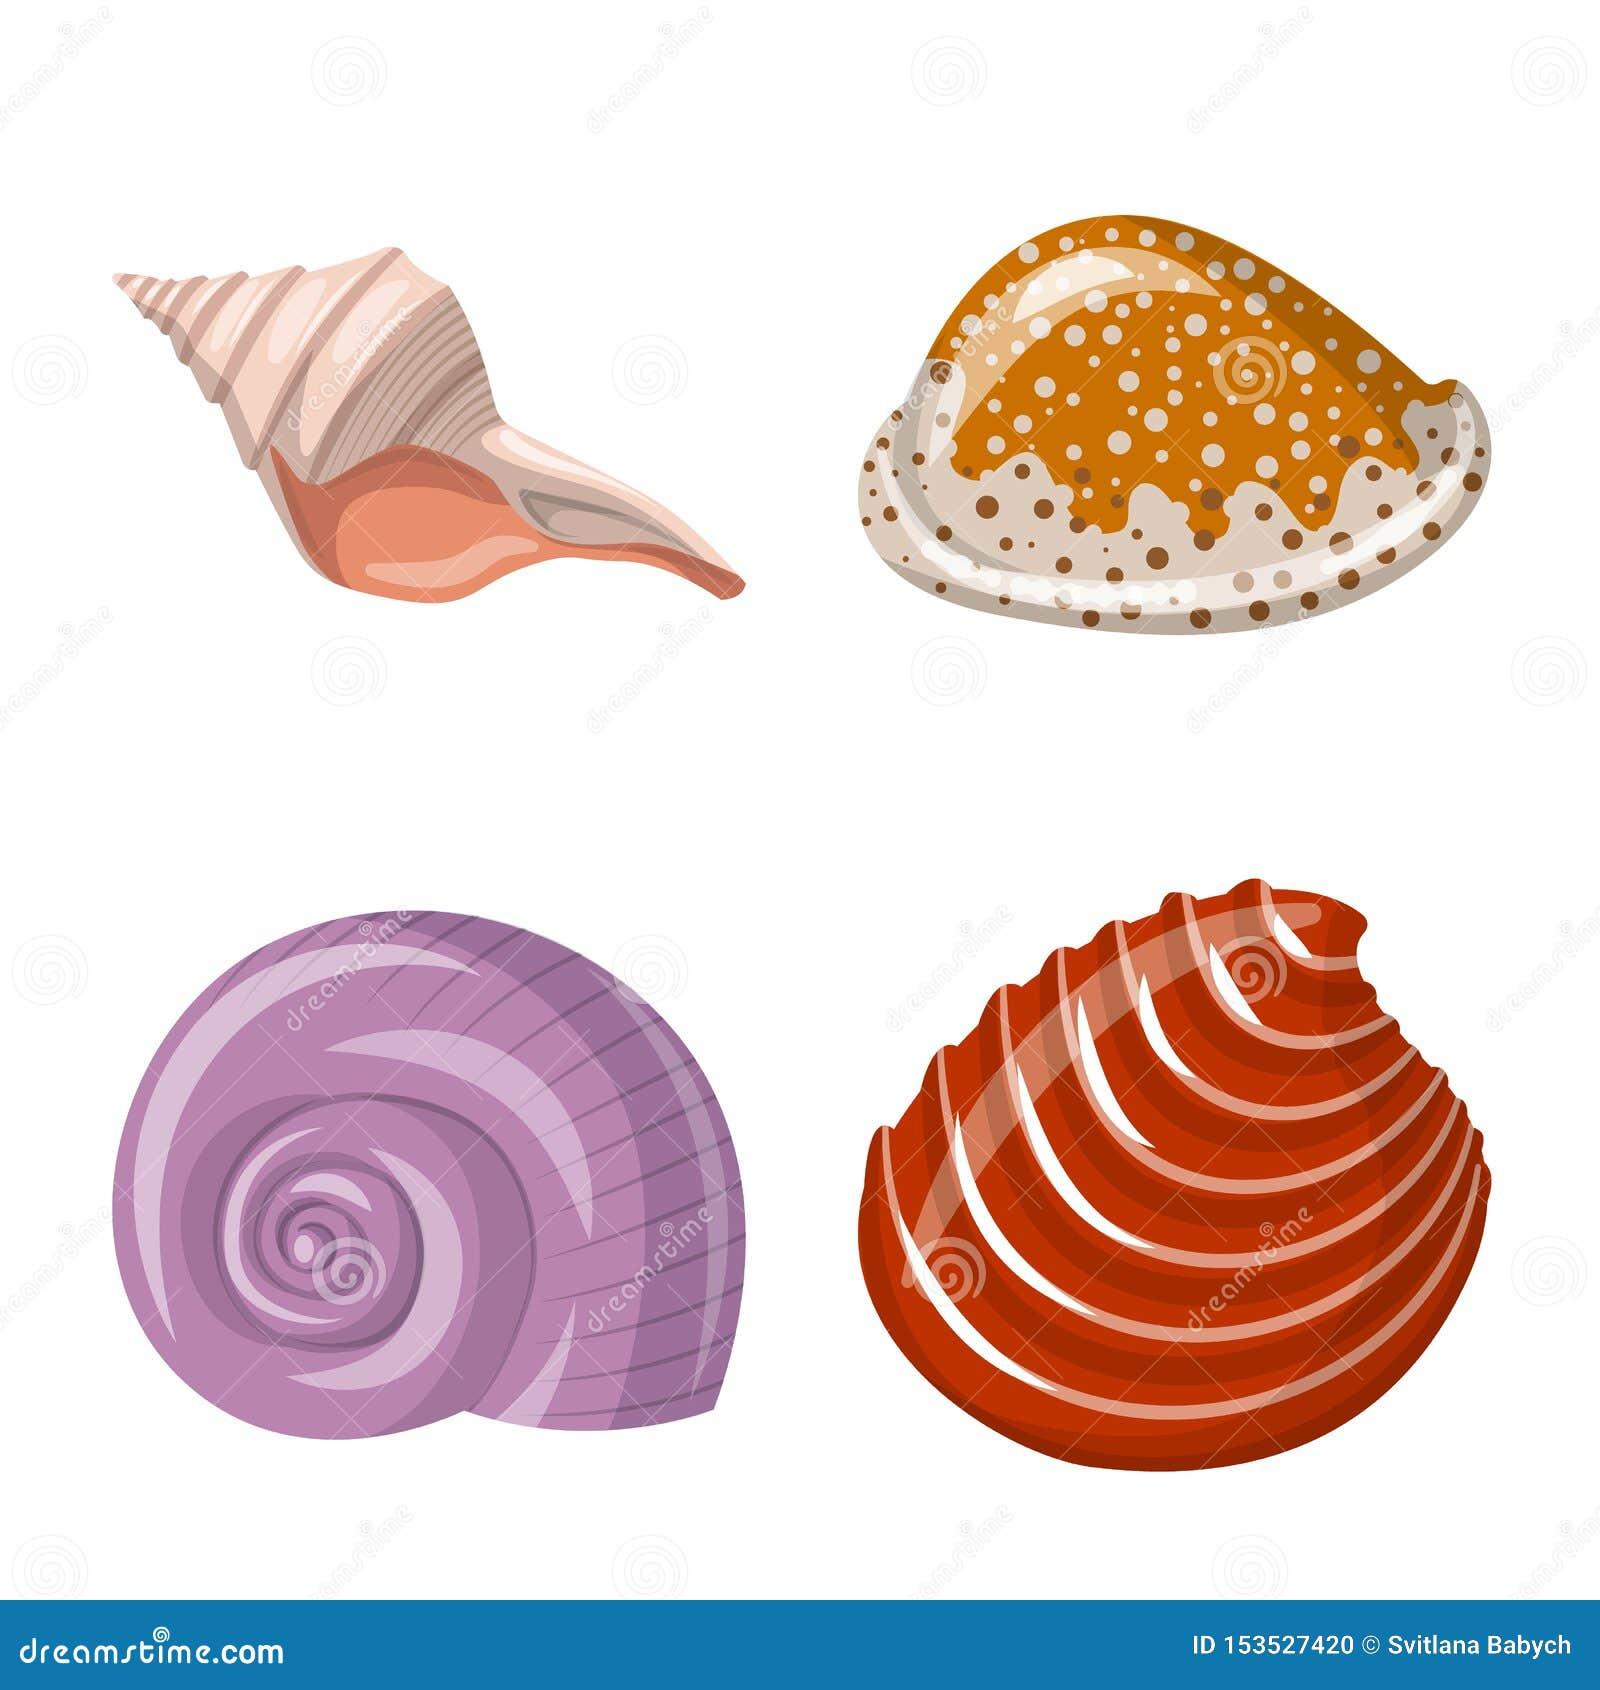 Wektorowy projekt seashell i mollusk symbol Kolekcja seashell i owoce morza akcyjna wektorowa ilustracja